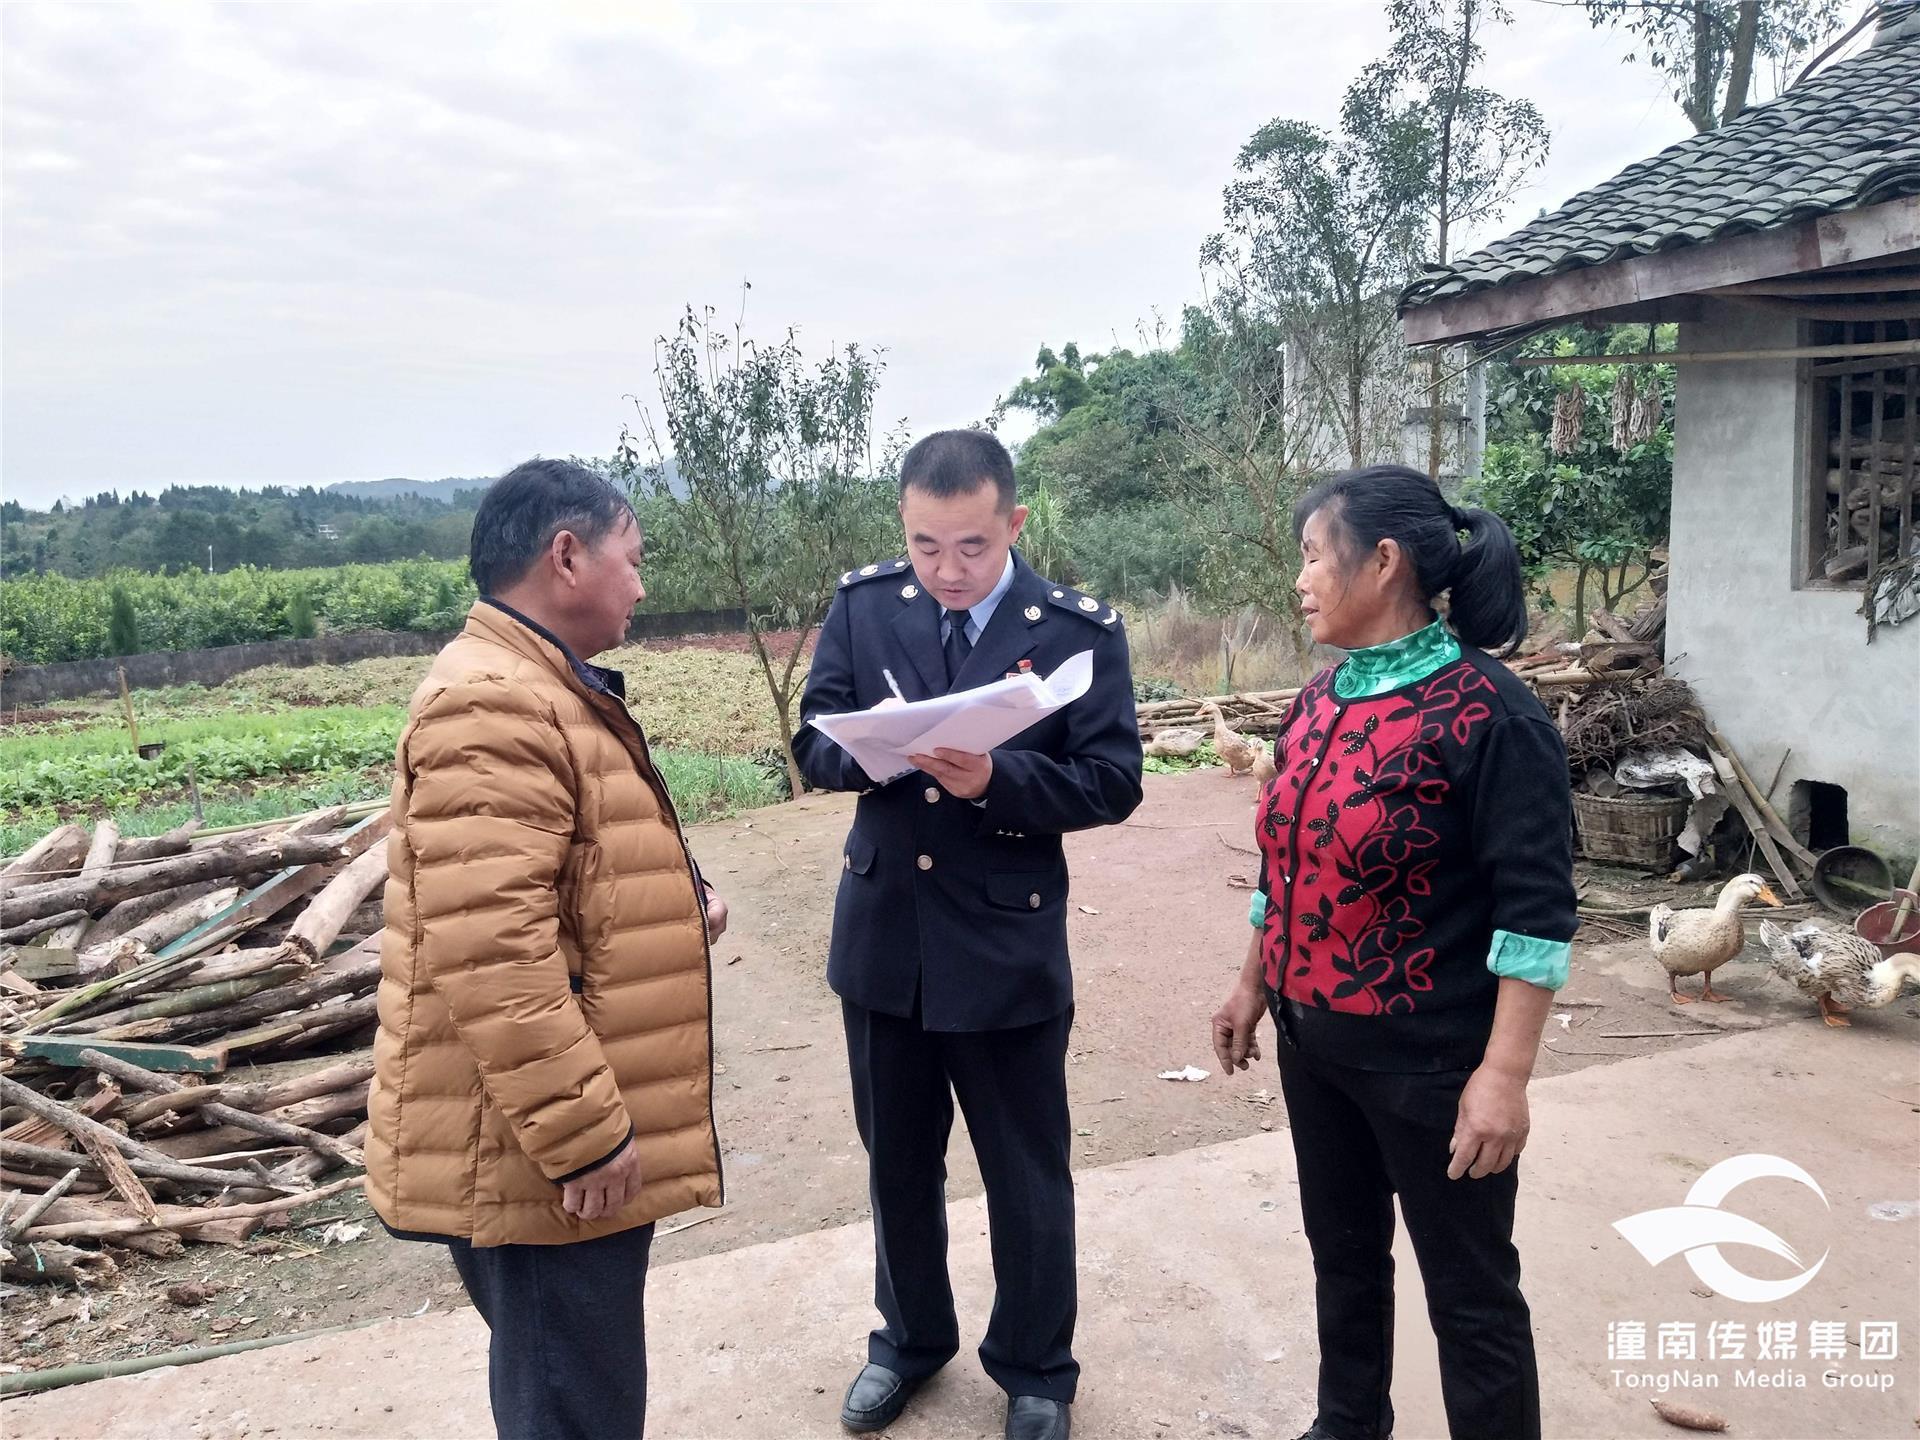 潼南区税务局开展干部走访行动